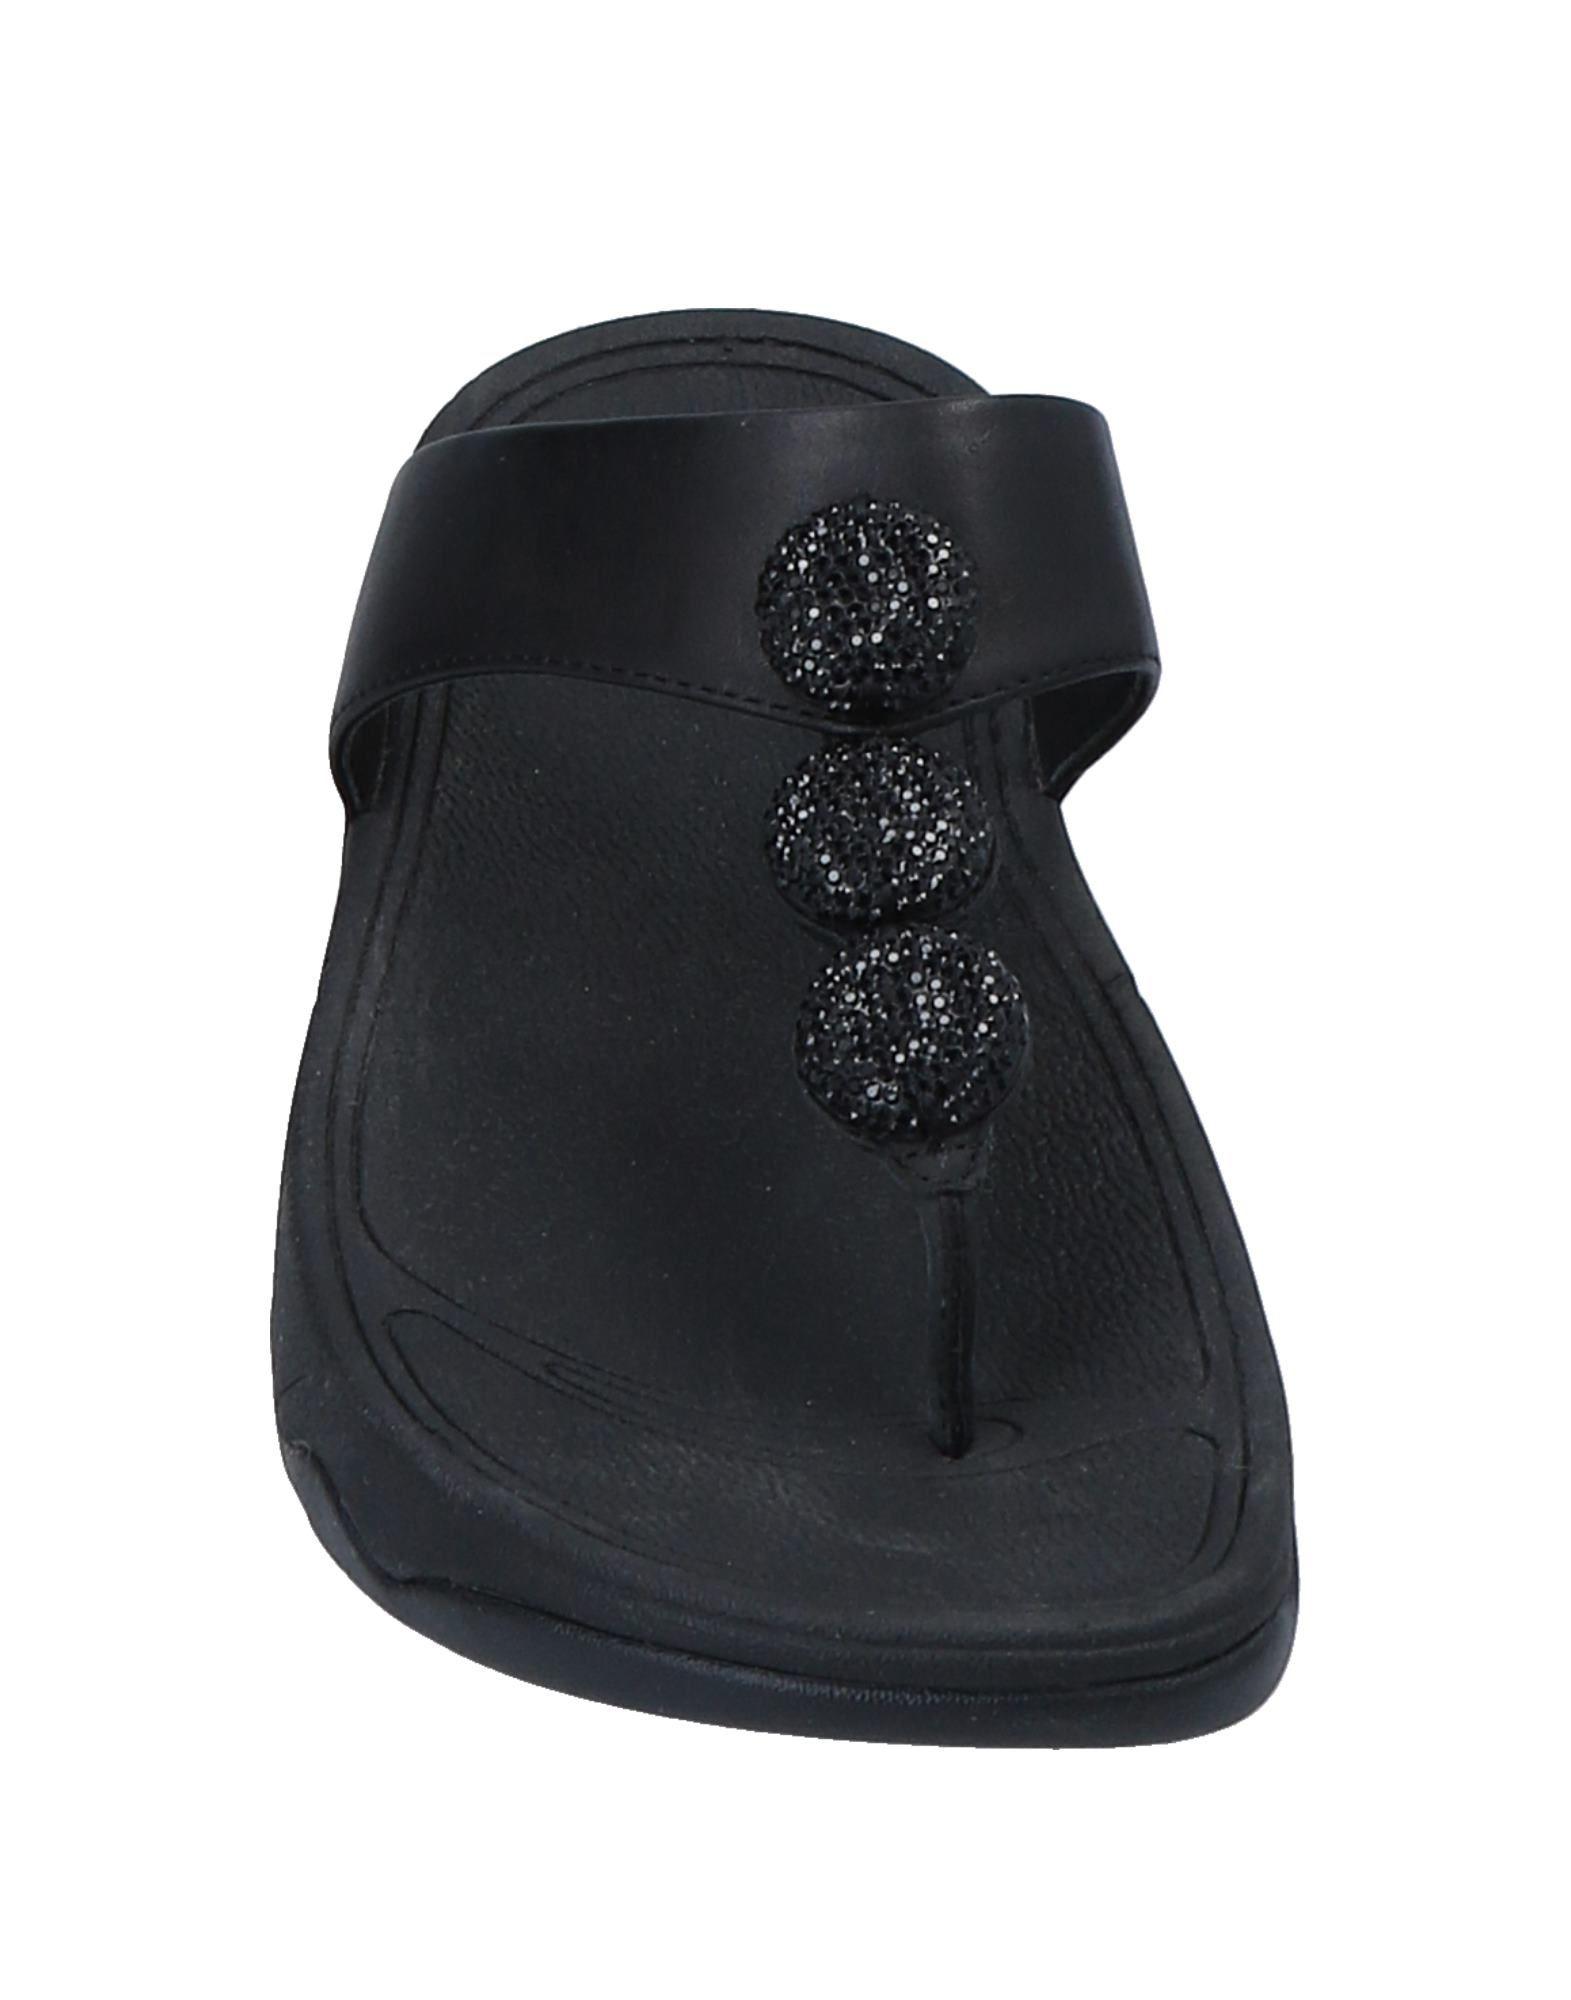 Fitflop Flip Flops - Women Fitflop Flip Flops online on 11546348SS  United Kingdom - 11546348SS on 510c60